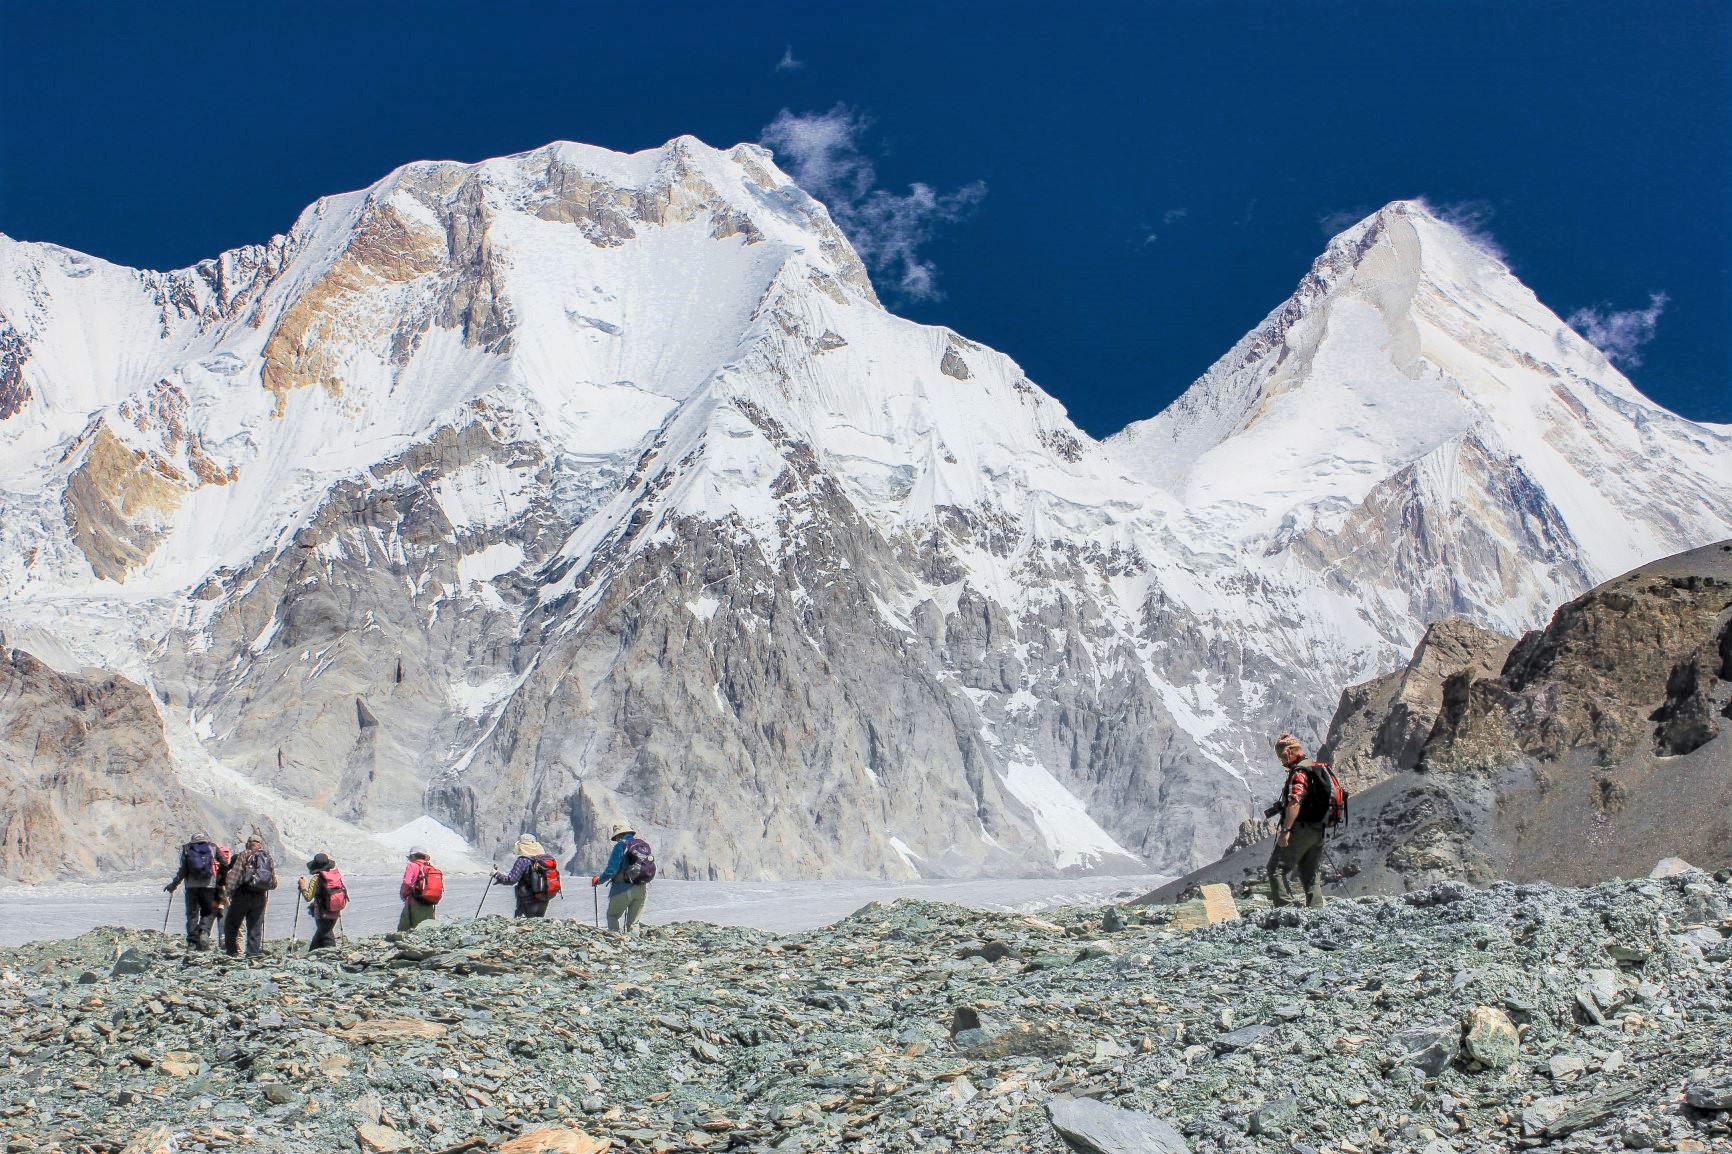 ベースキャンプ周辺から至近距離に迫る天山山脈の山々